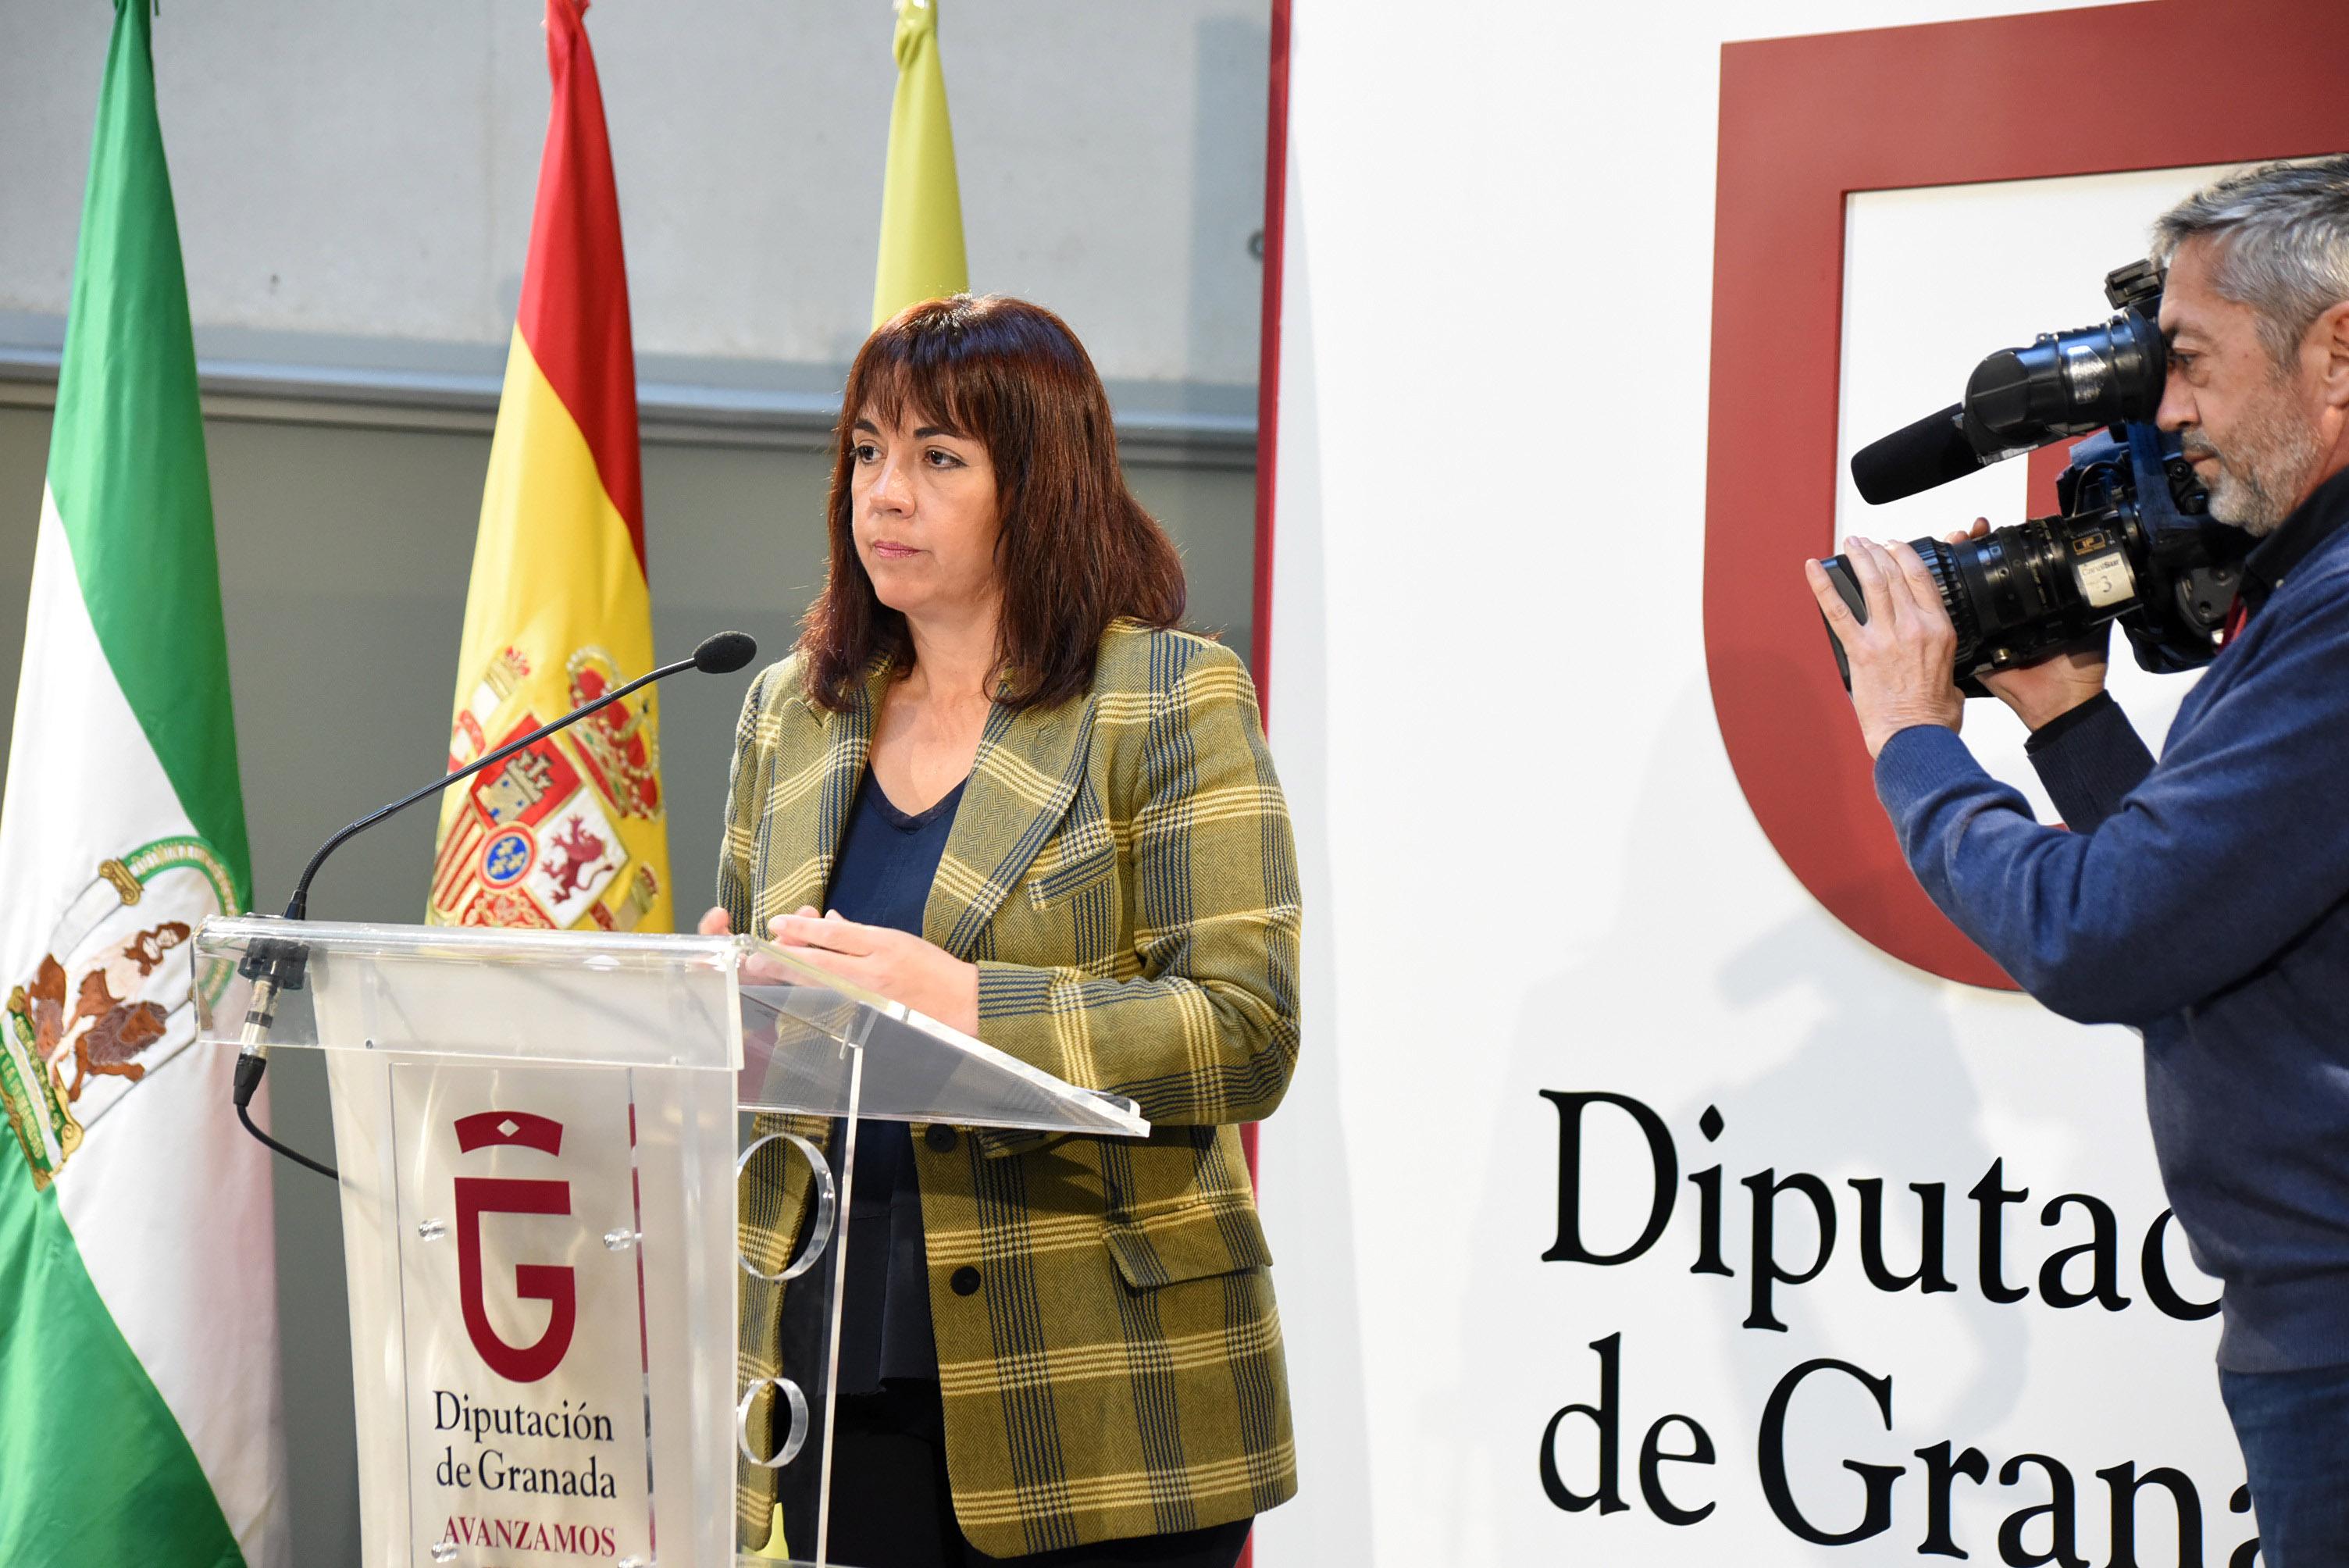 Diputación alerta de que la Junta puede dejar sin atención a más de 3.300 drogodependientes